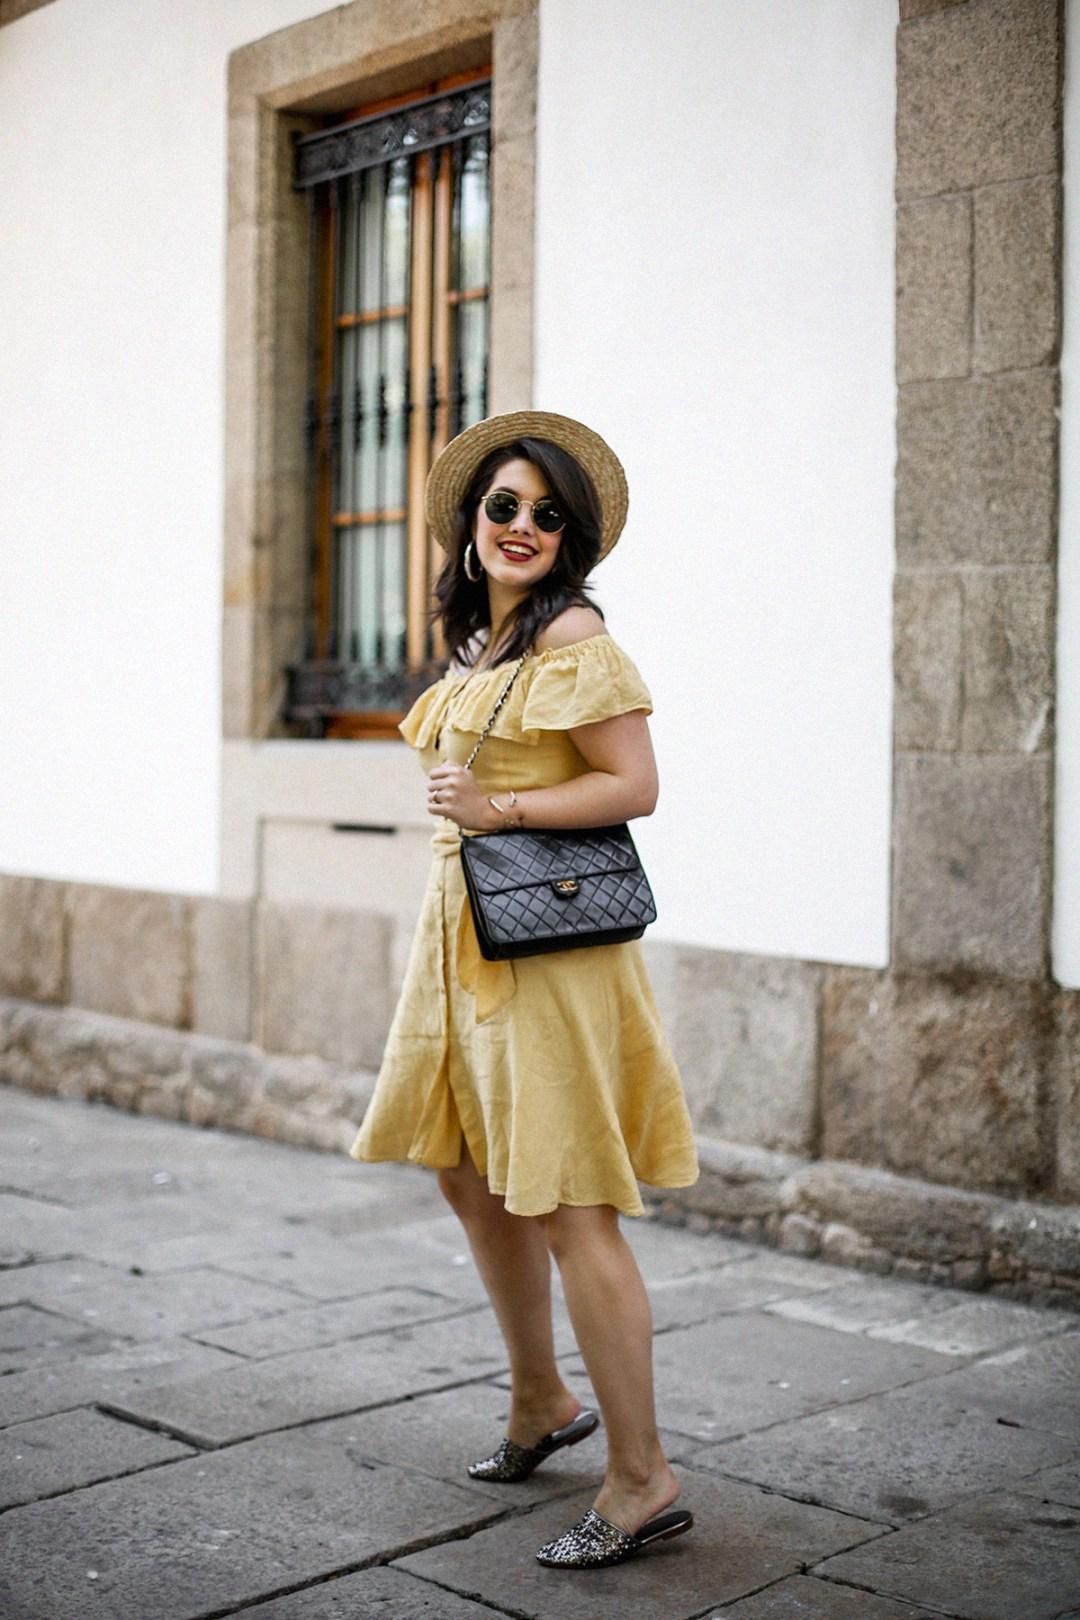 vestido-amarillo-hombros-descubiertos-zara-chanel-vintage-vestiaire-collective6